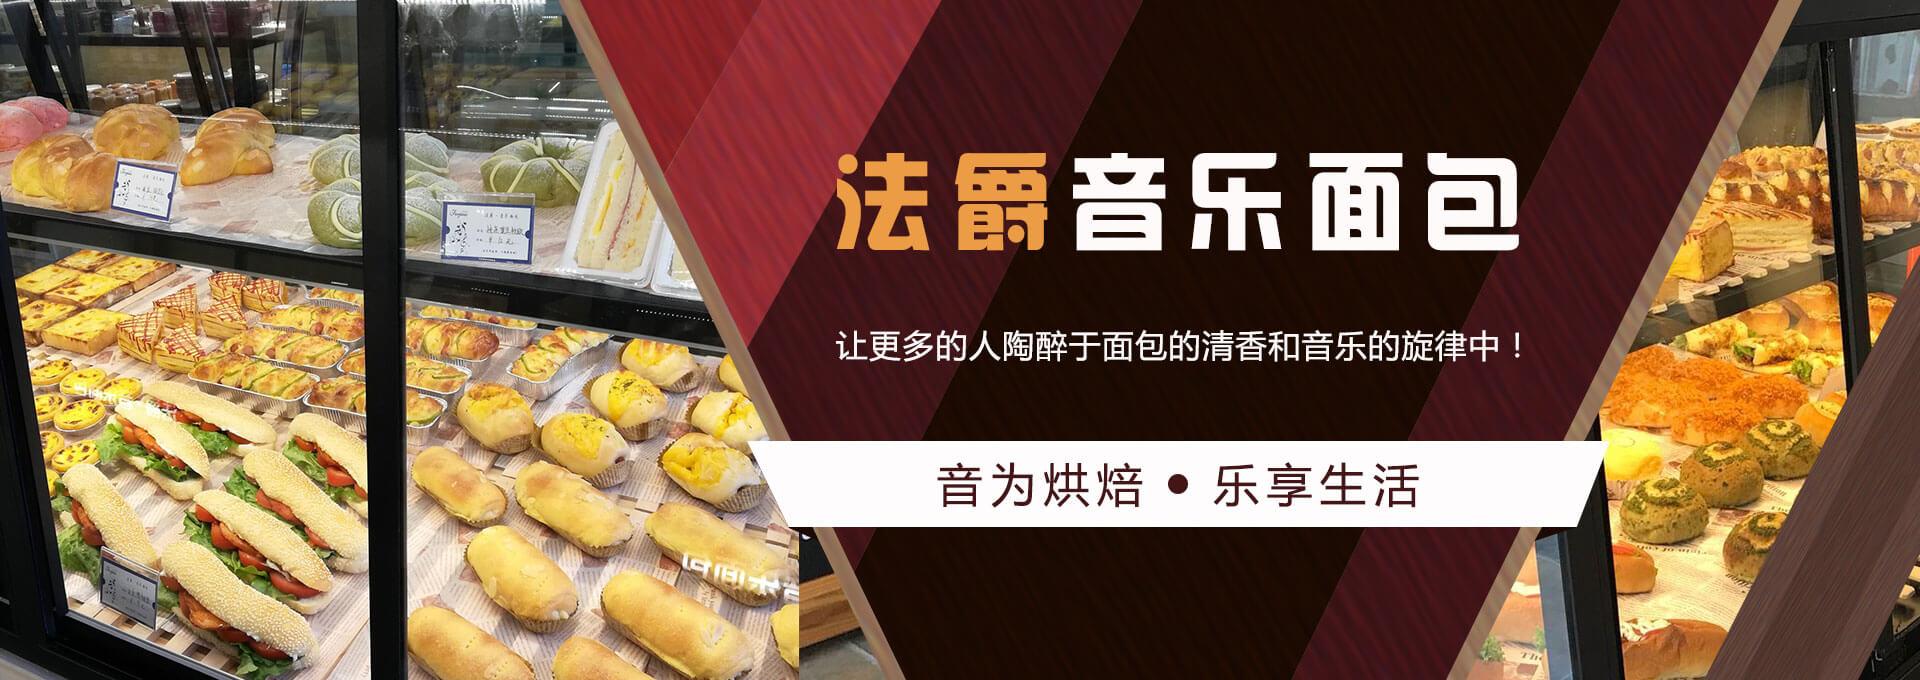 法爵音乐面包创业项目_昌启餐饮蛋糕面包加盟